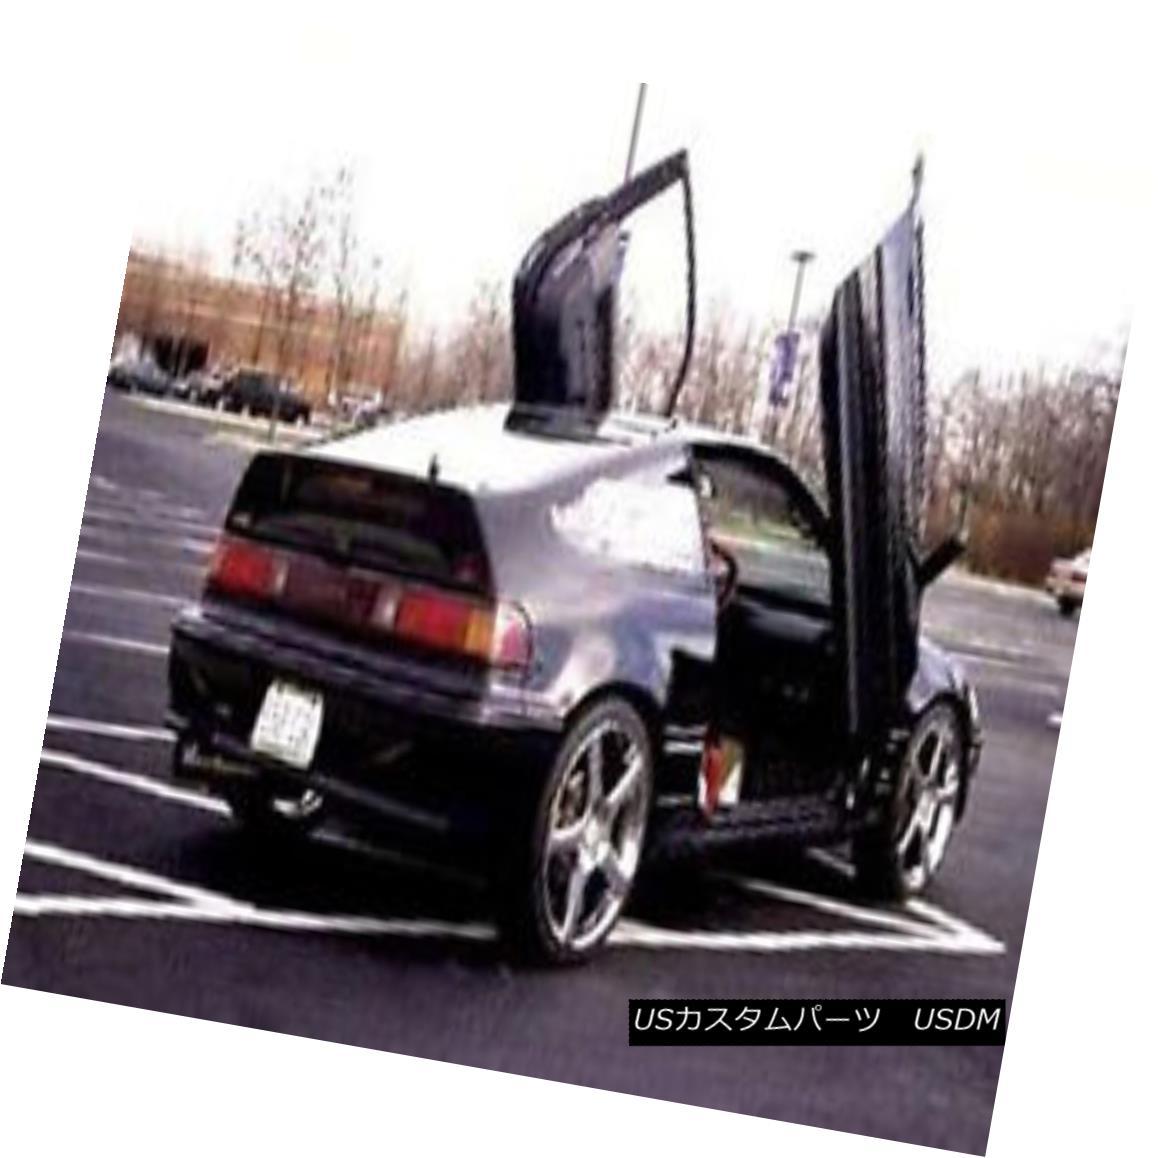 ガルウィングキット Honda CRX 88-91 Bolt-on Vertical Lambo Doors by